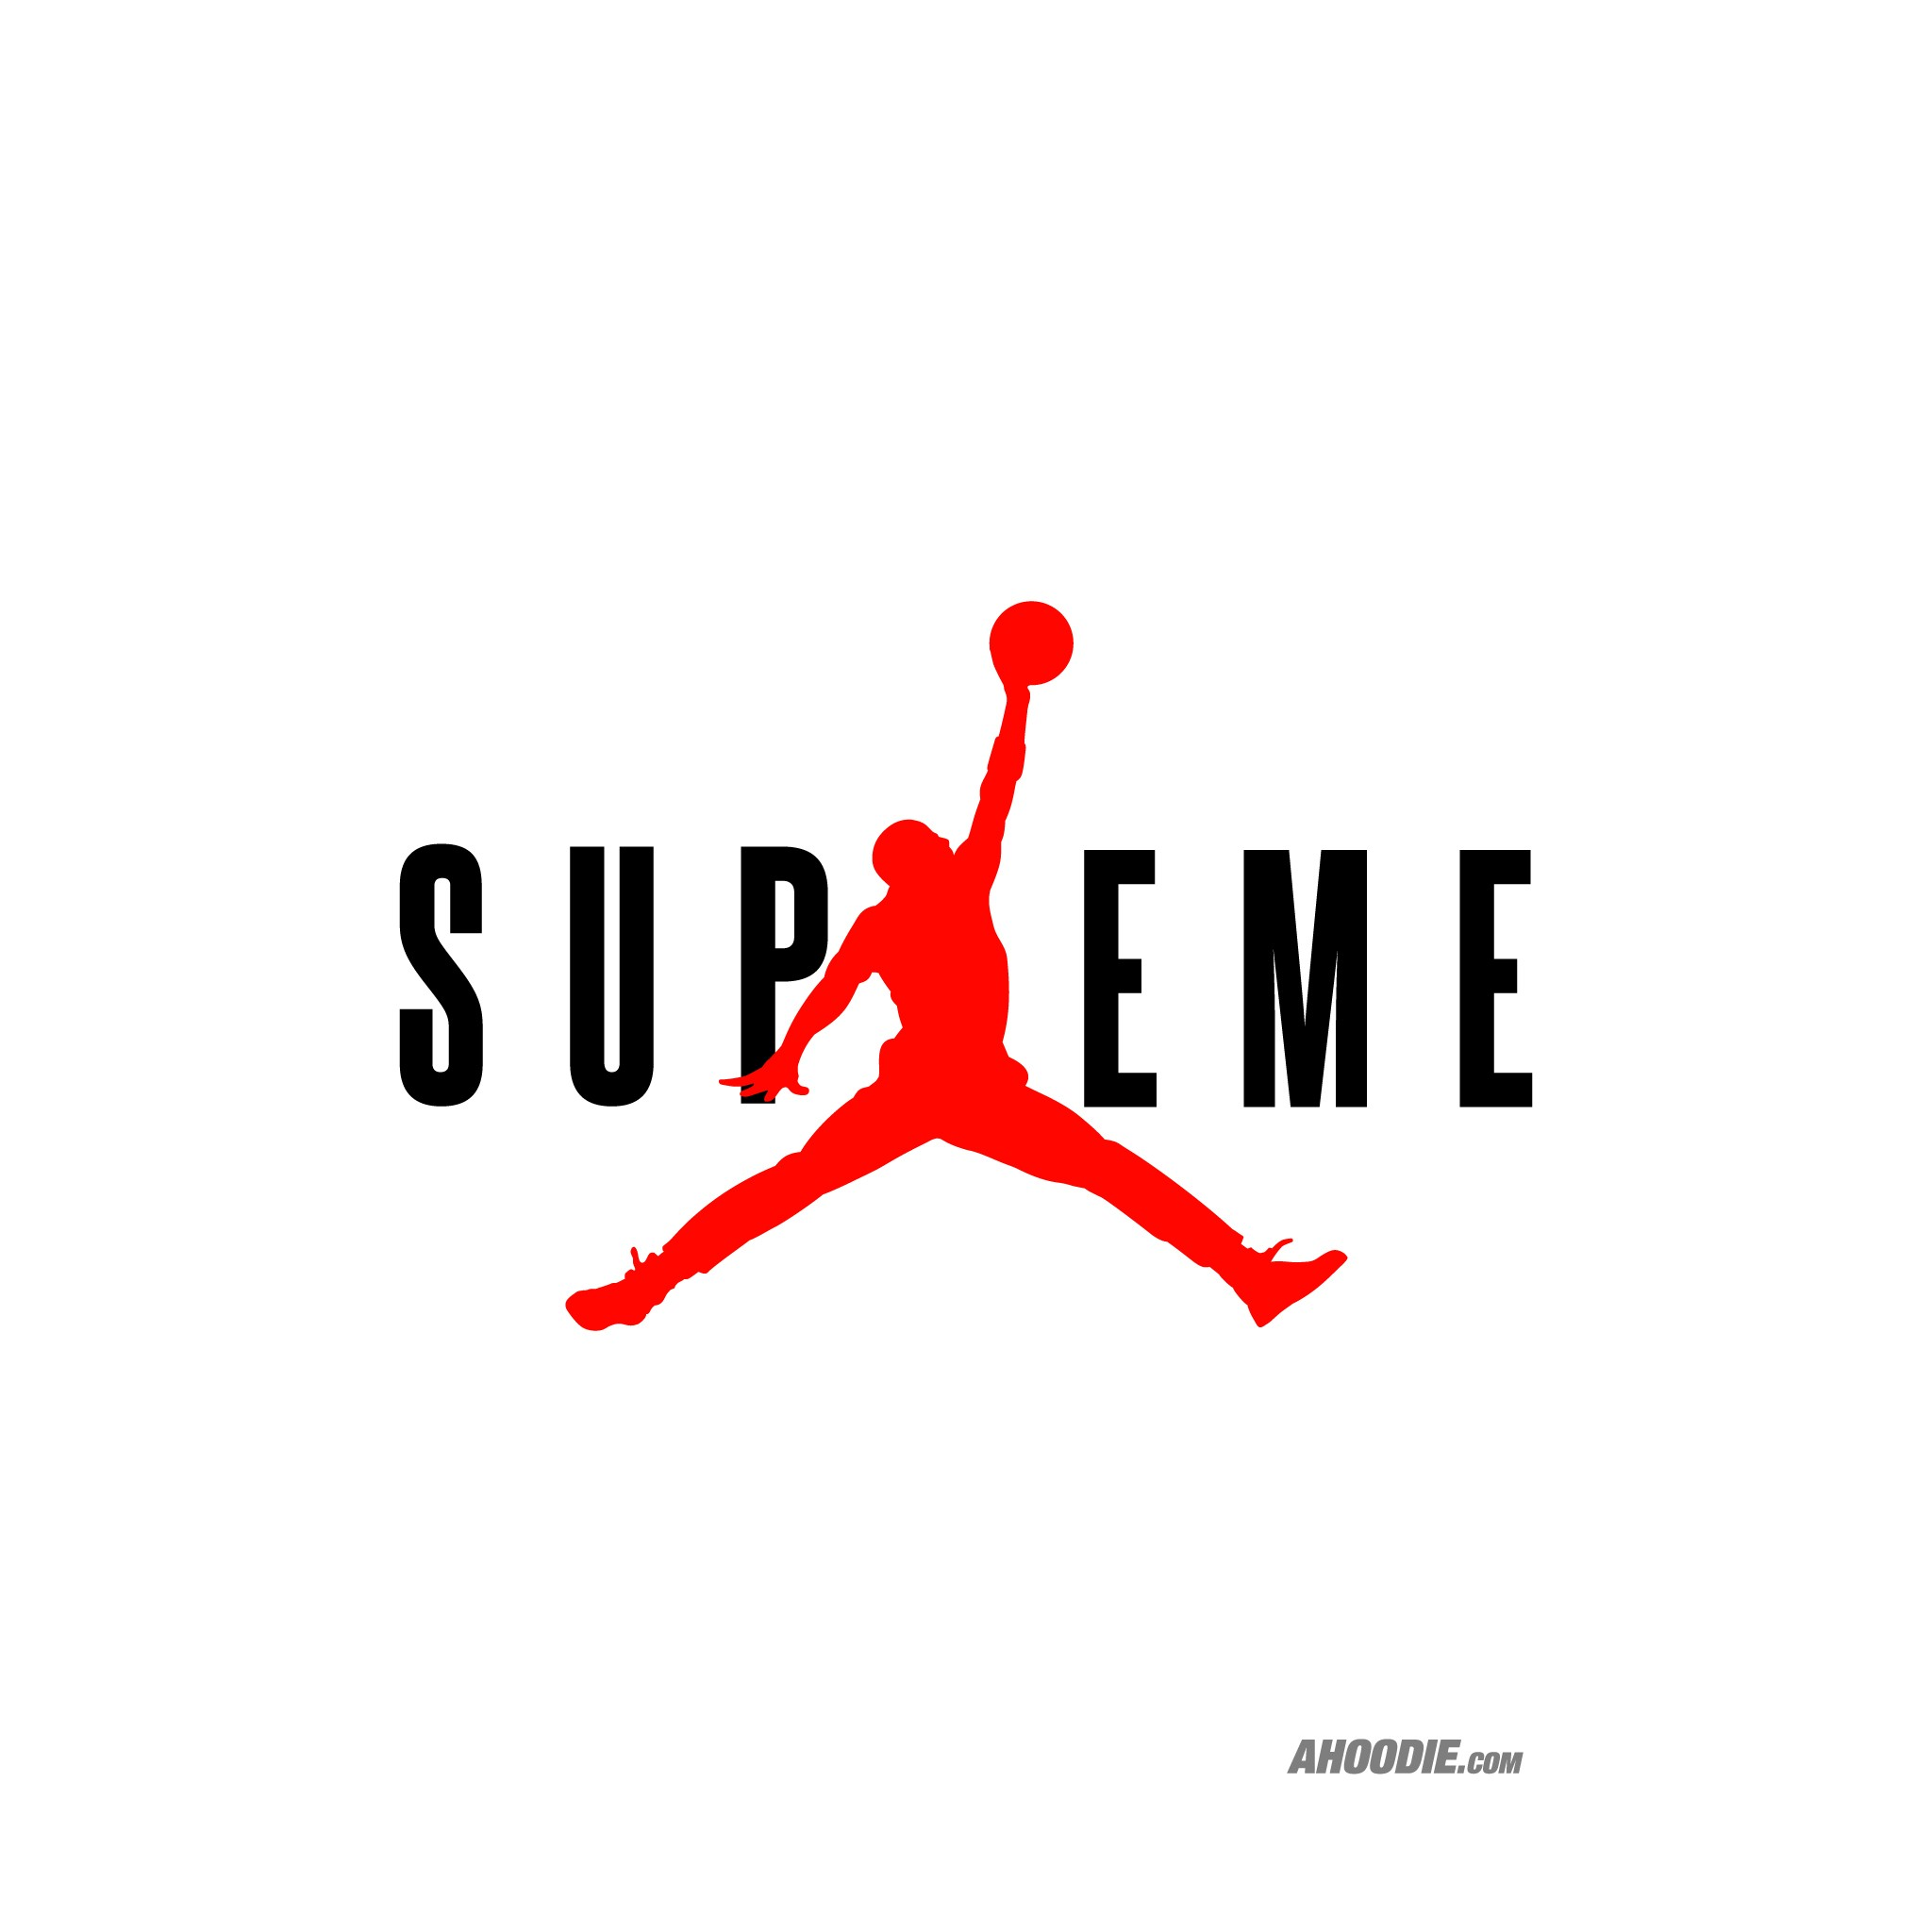 skate logo wallpapers